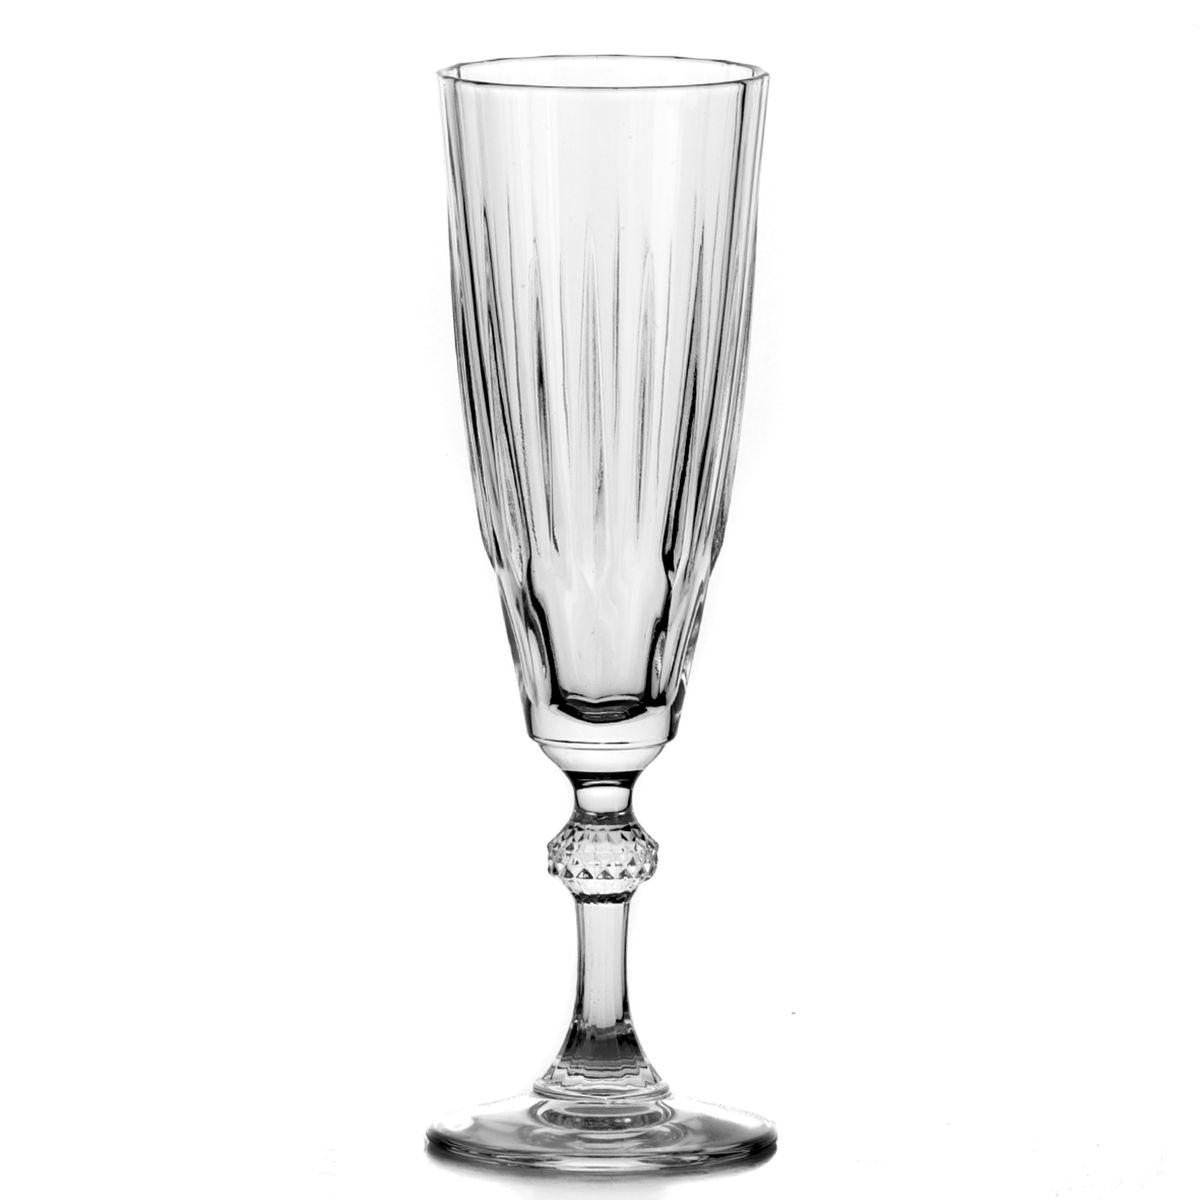 Набор бокалов Pasabahce Diamond, 170 мл, 3 шт440069Набор Pasabahce Diamond состоит из трех граненых бокалов, выполненных из натрий-кальций-силикатного стекла. Изделия оснащены элегантными ножками. Бокалы сочетают в себе изысканный дизайн и функциональность. Благодаря такому набору пить напитки будет еще вкуснее.Набор бокалов Pasabahce Diamond прекрасно оформит праздничный стол и создаст приятную атмосферу за романтическим ужином. Такой набор также станет хорошим подарком к любому случаю. Можно мыть в посудомоечной машине.Диаметр бокала (по верхнему краю): 6 см. Высота бокала: 21 см.